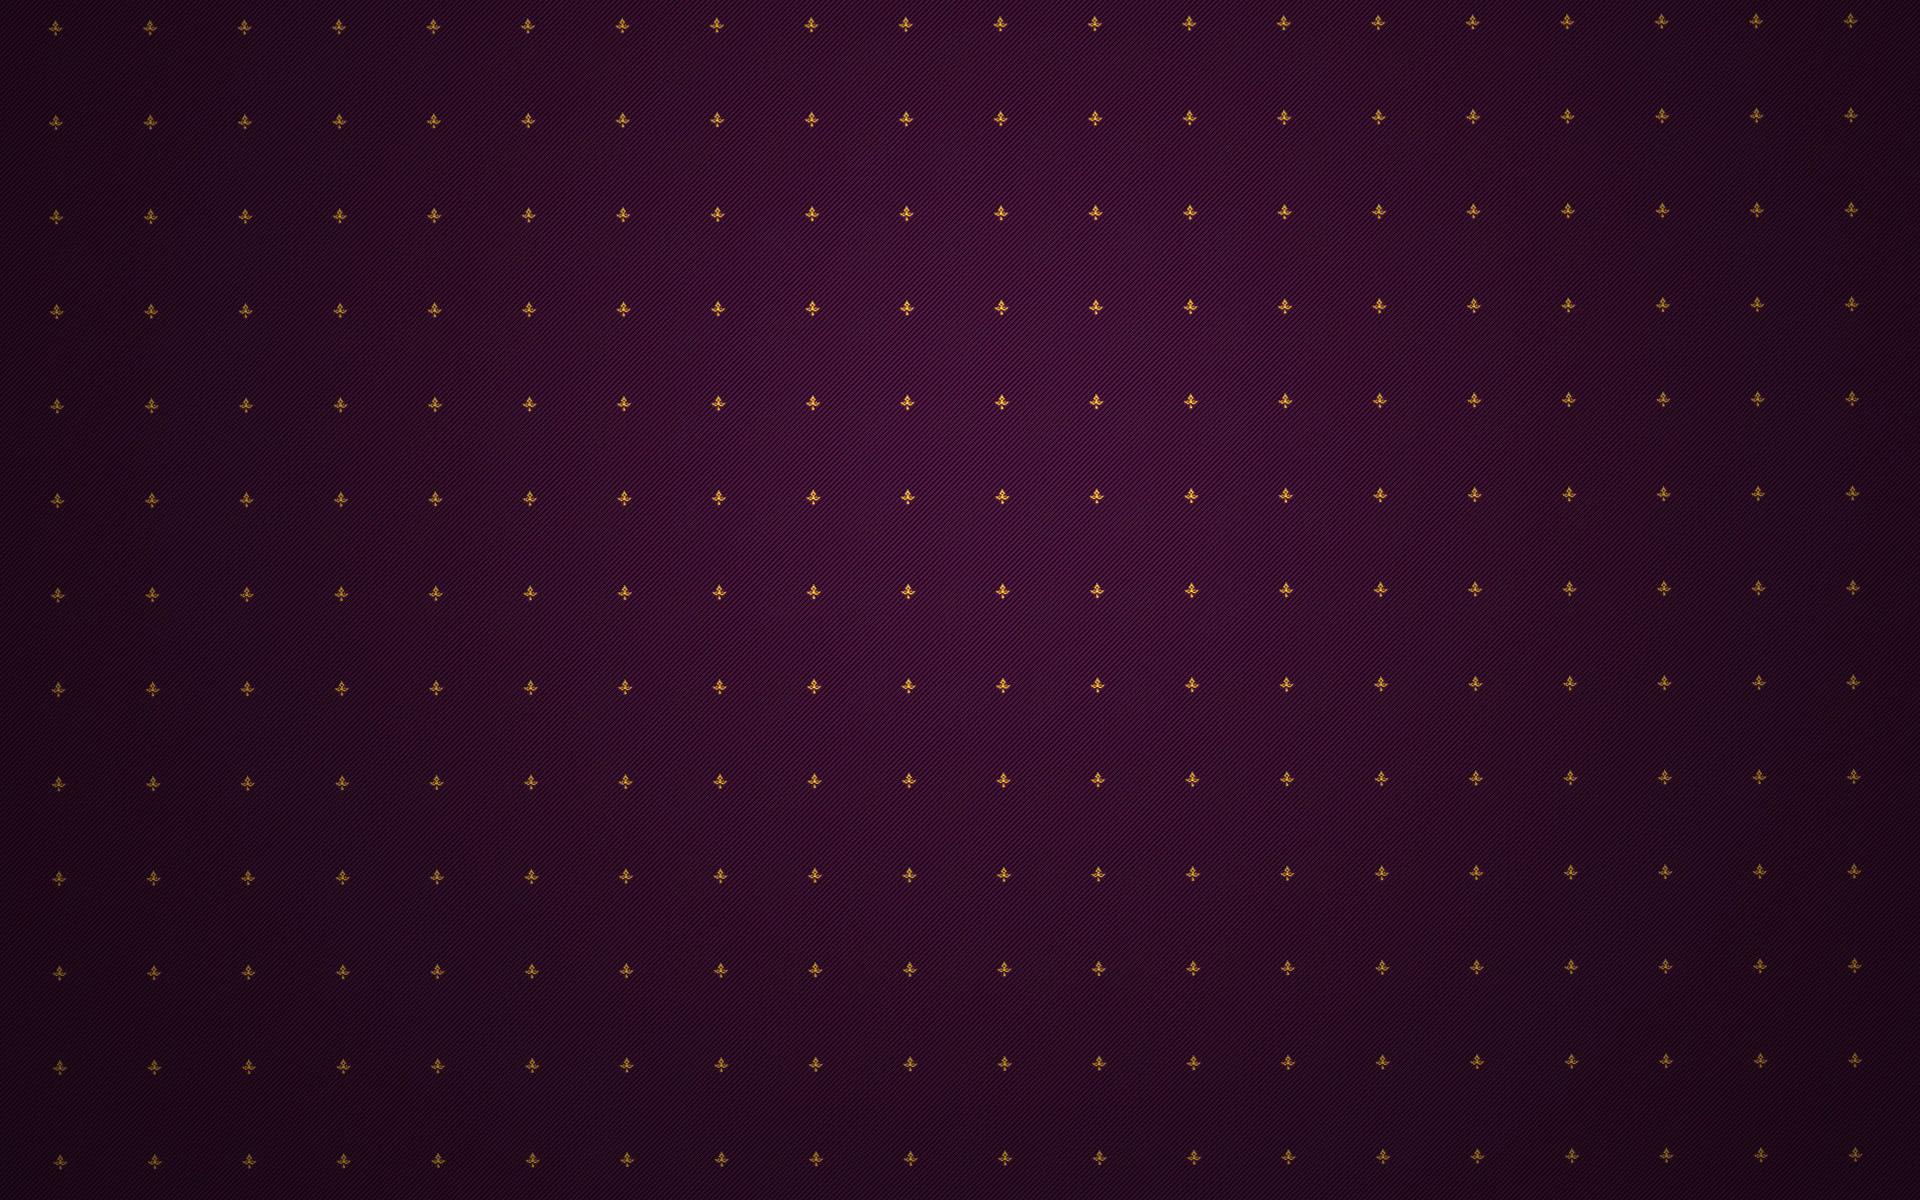 图案壁纸-zol图片频道